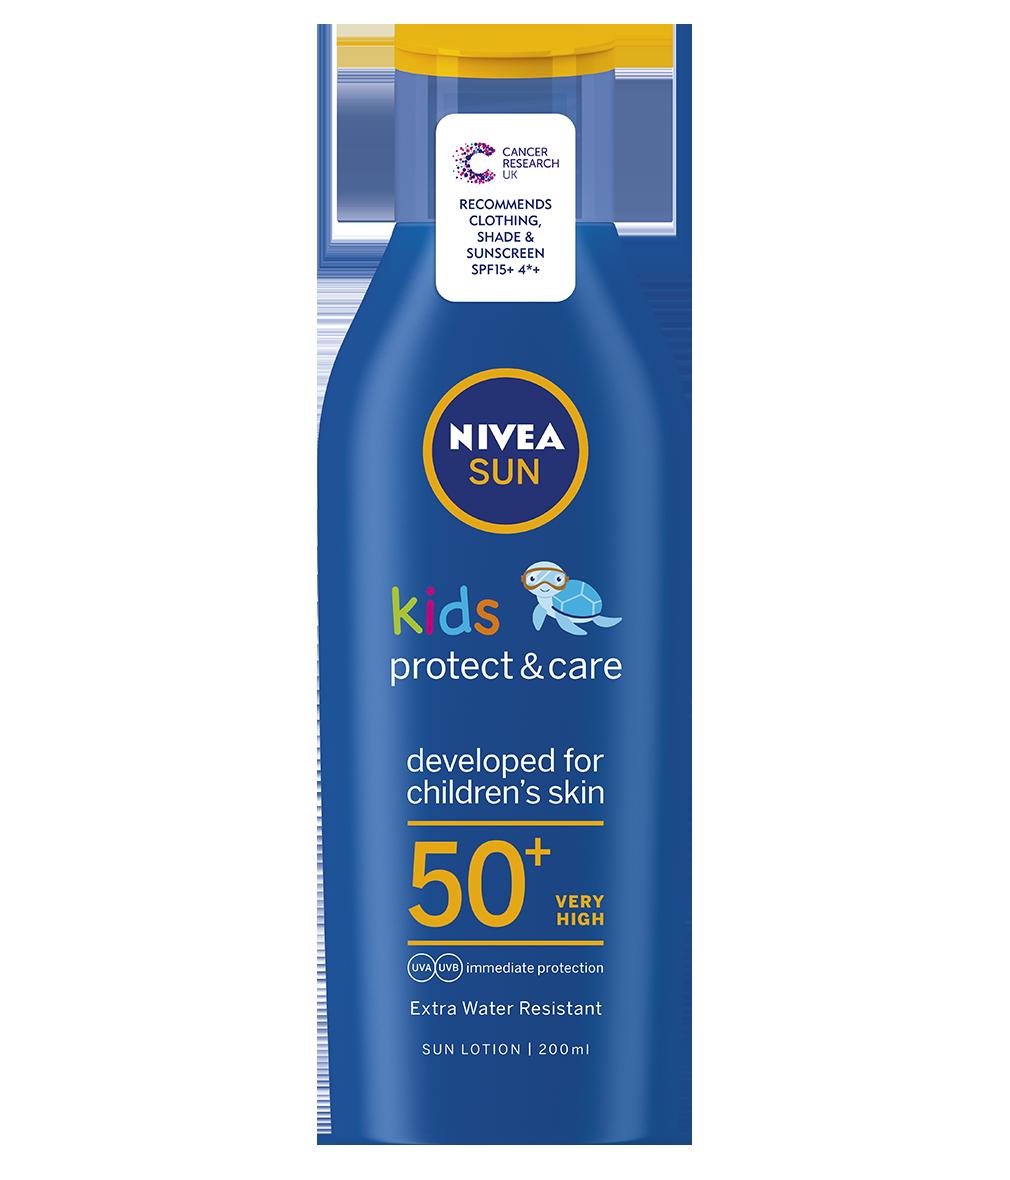 NIVEA SUN KIDS PROTECT AND CARE 50+SPF 200ML LOTION